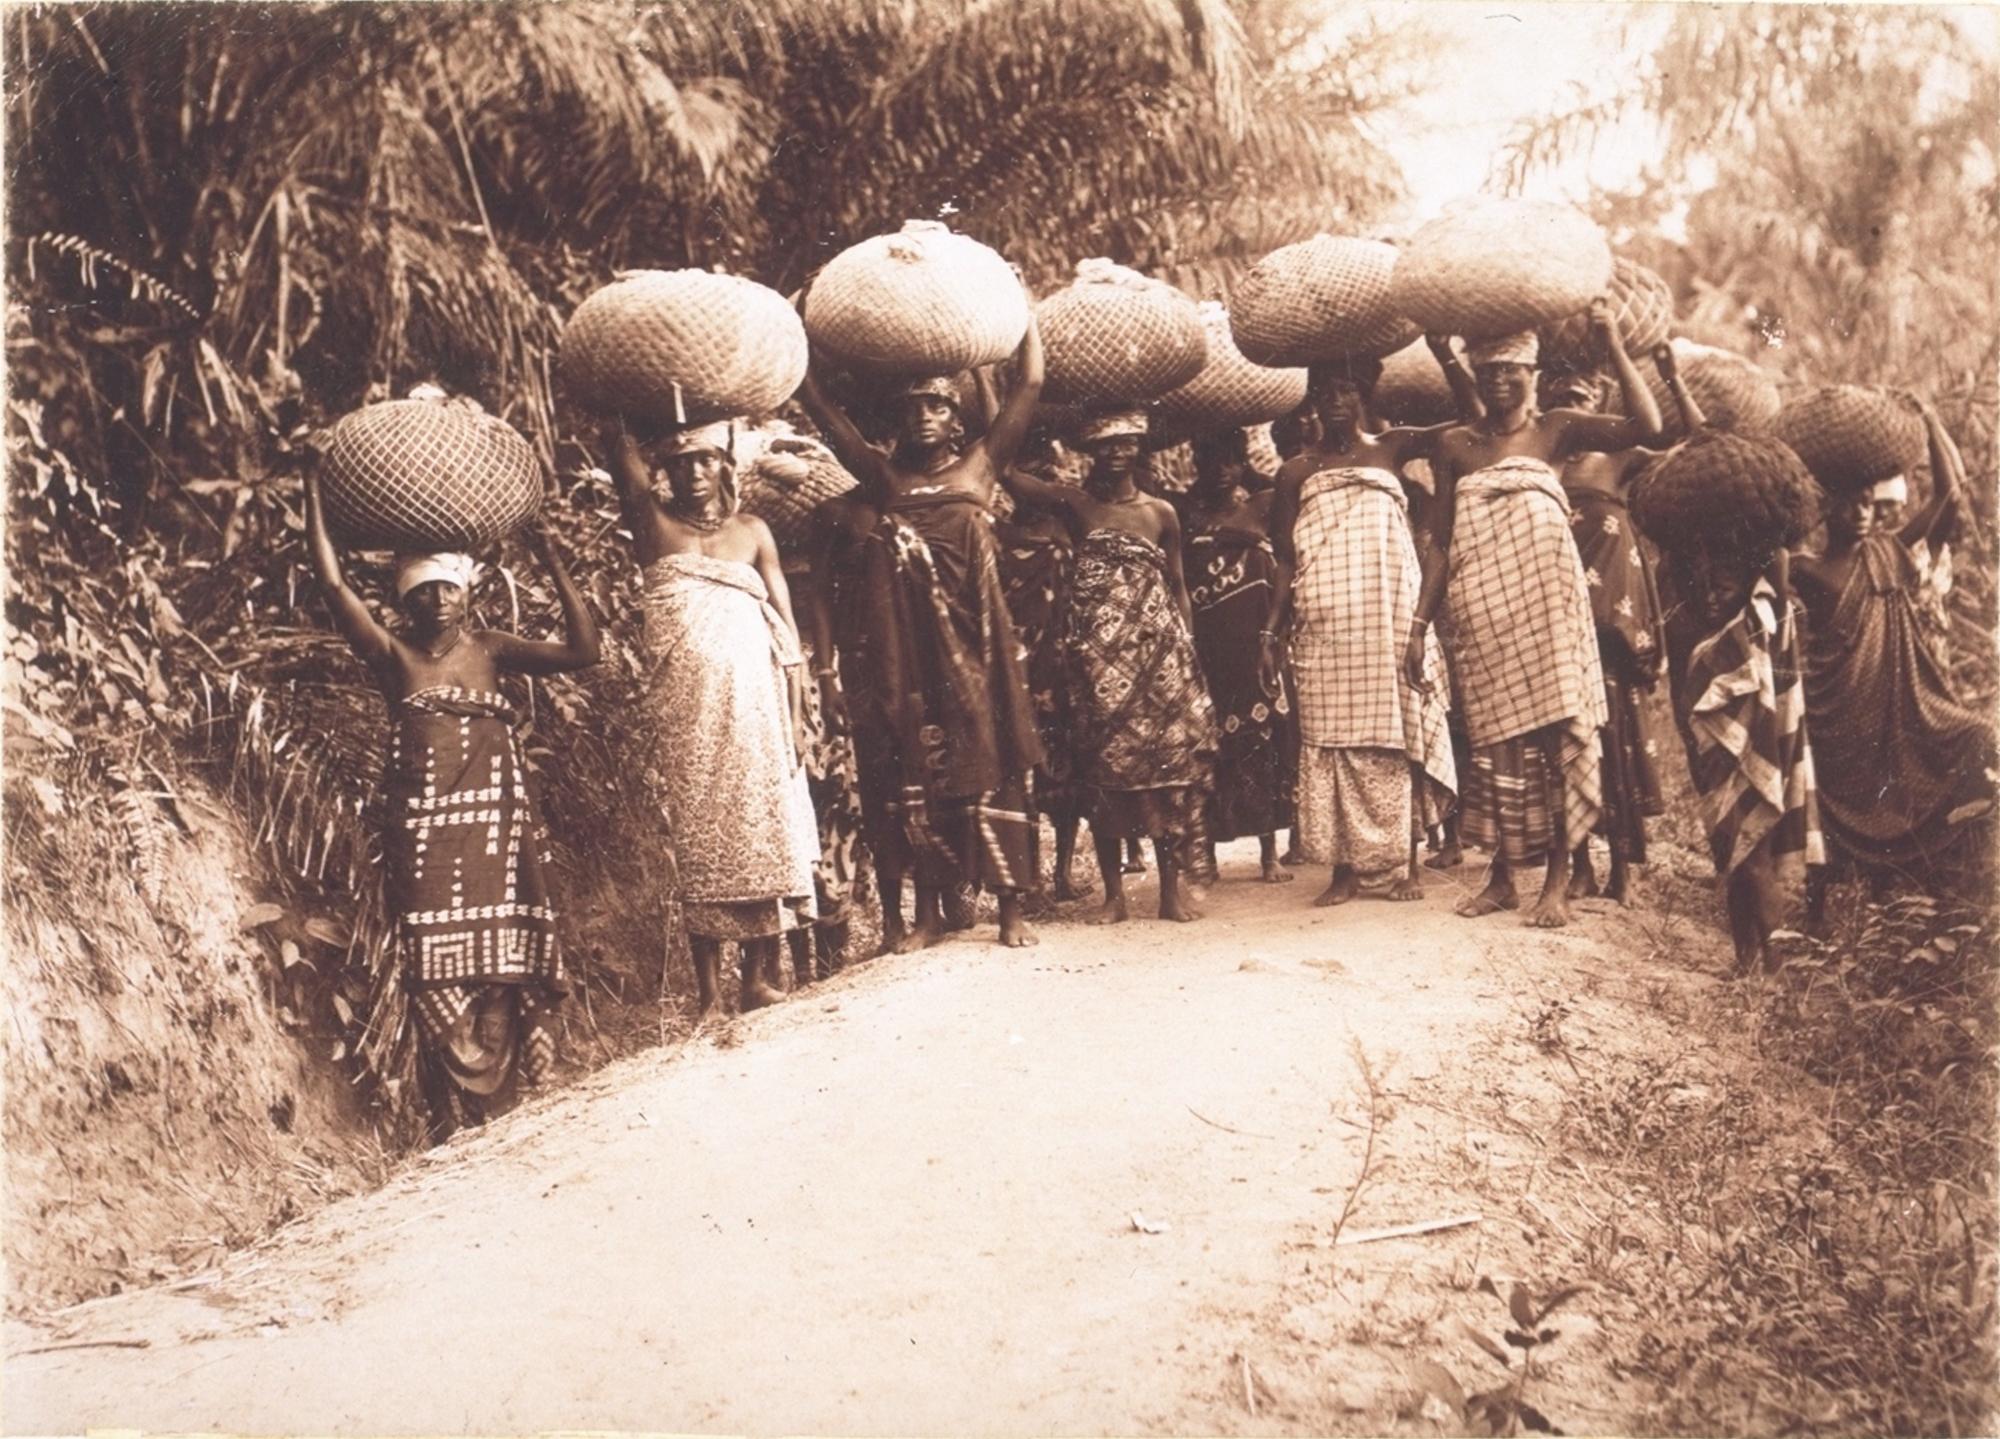 Frauen schleppen Kakaoballen zum Verlad an die Küste. Das Bild entstand zwischen 1900 und 1911.